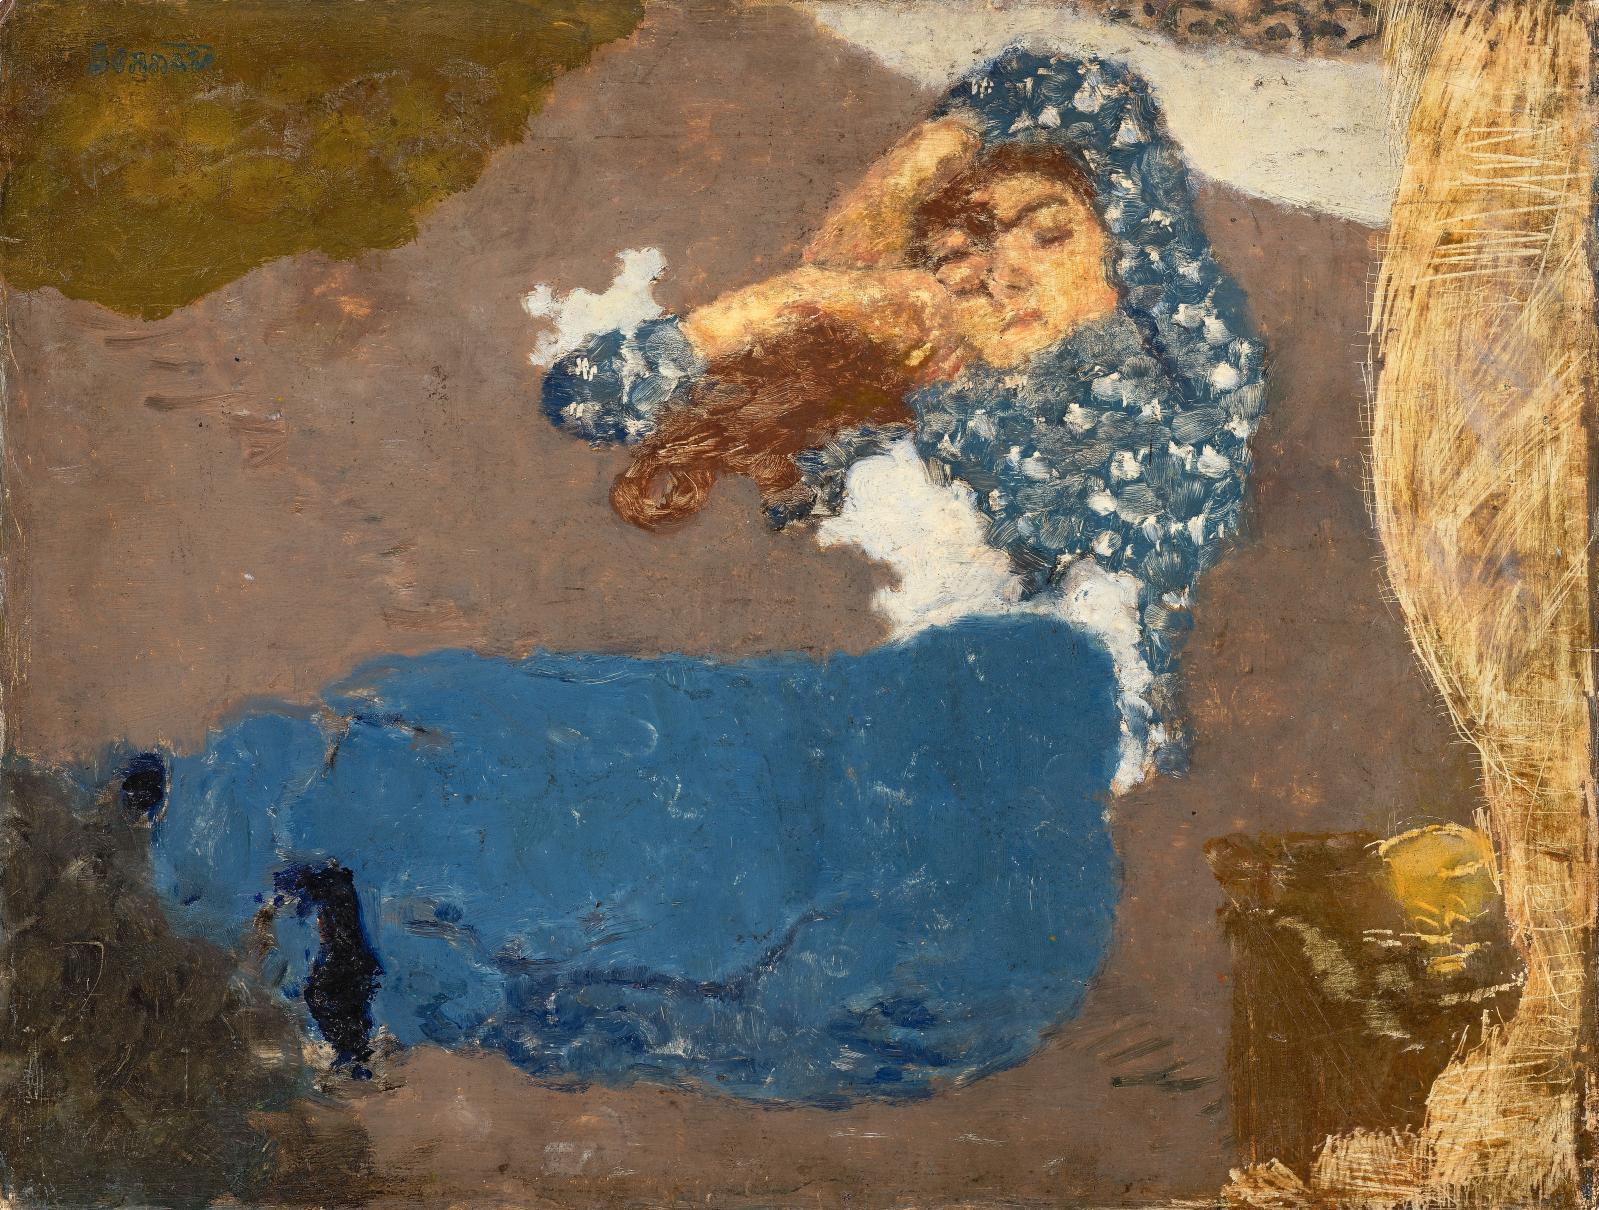 Pierre Bonnard, Jeune femme endormie, 1894, huile sur carton, 27 x 35 cm. GalerieAlexis Pentcheff